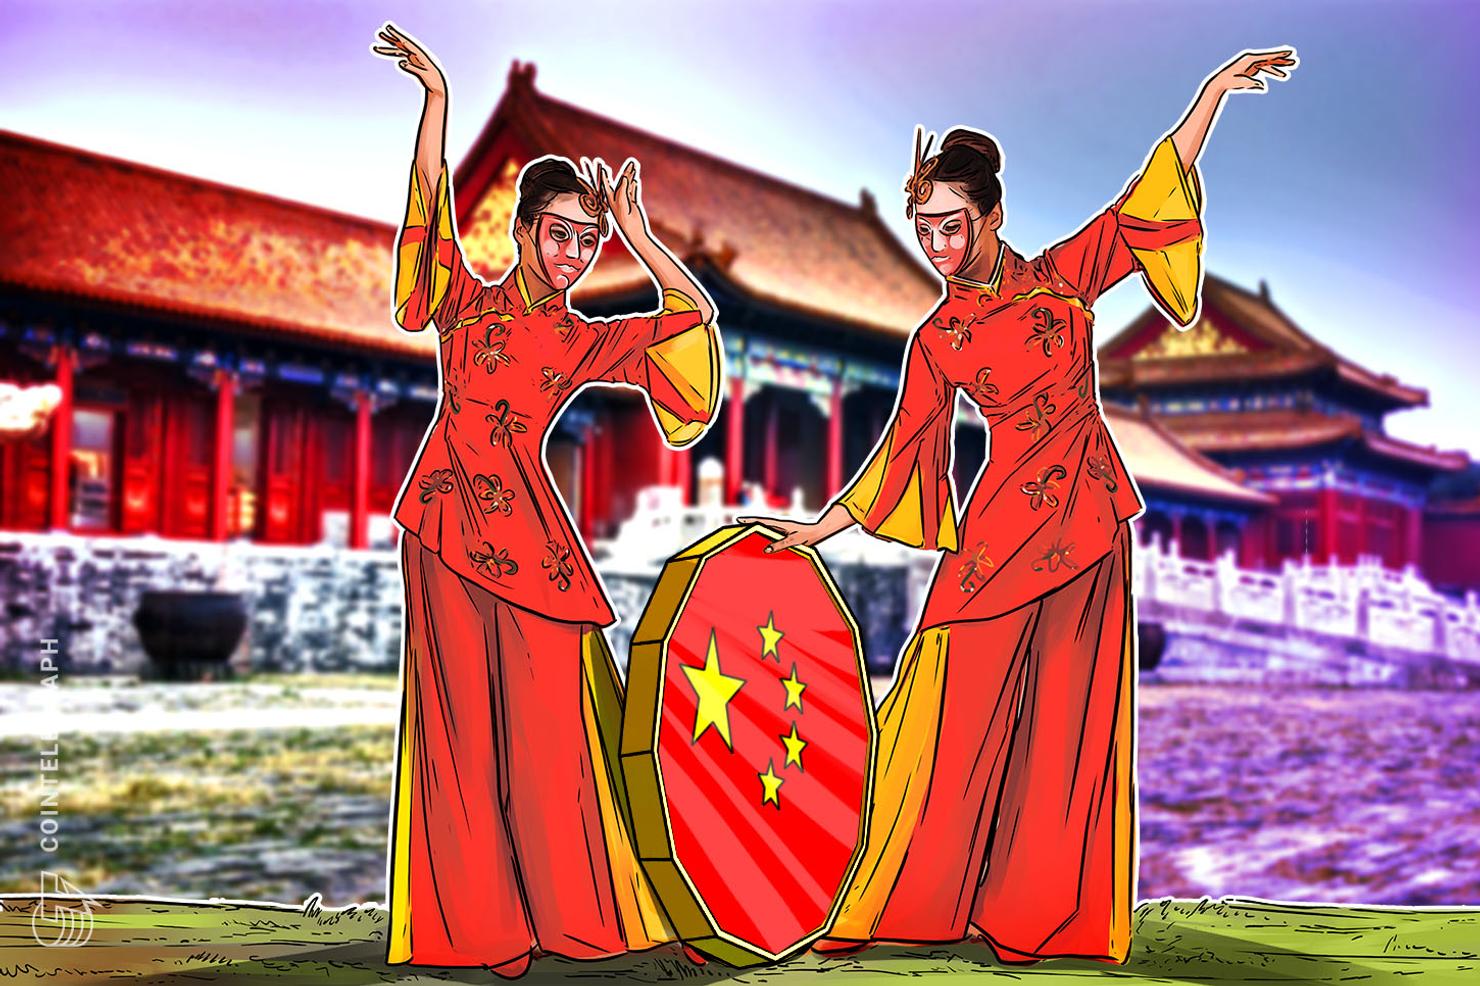 """Vaizdo rezultatas pagal užklausą """"china digital remnbi"""""""